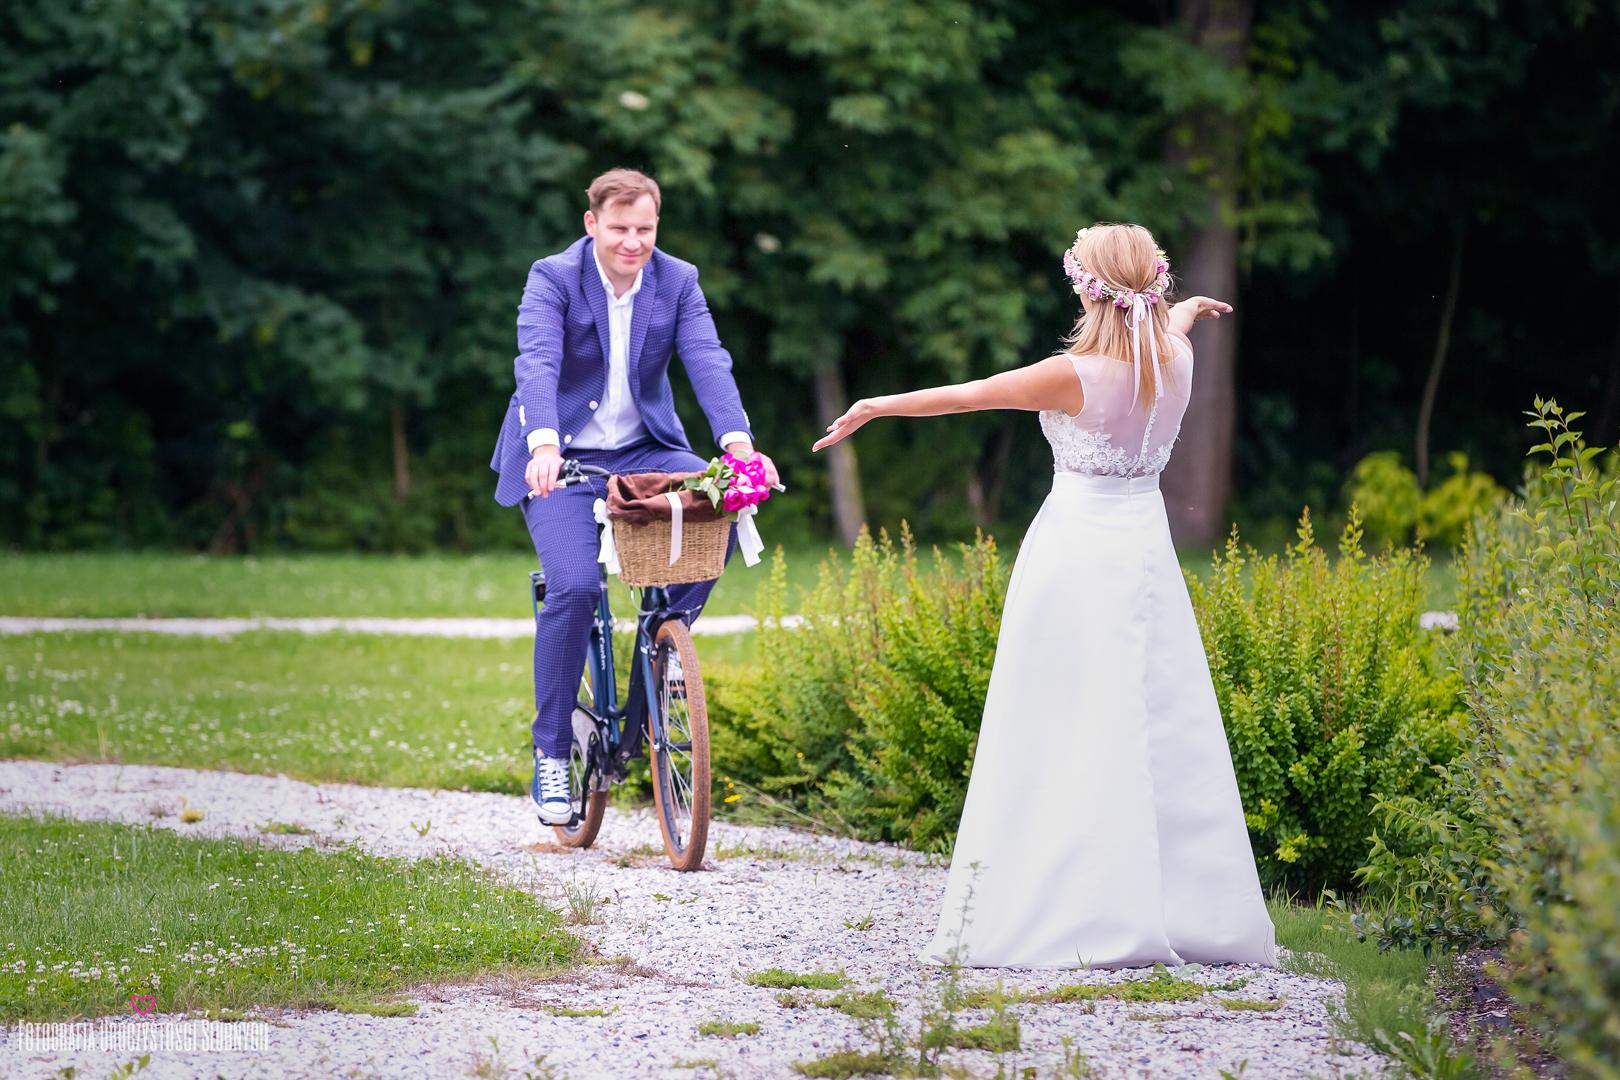 Artystyczna fotografia ślubna - Klaudia Cieplińska - M&P - ślubny plener w Bukowcu, koło Jeleniej Góry.